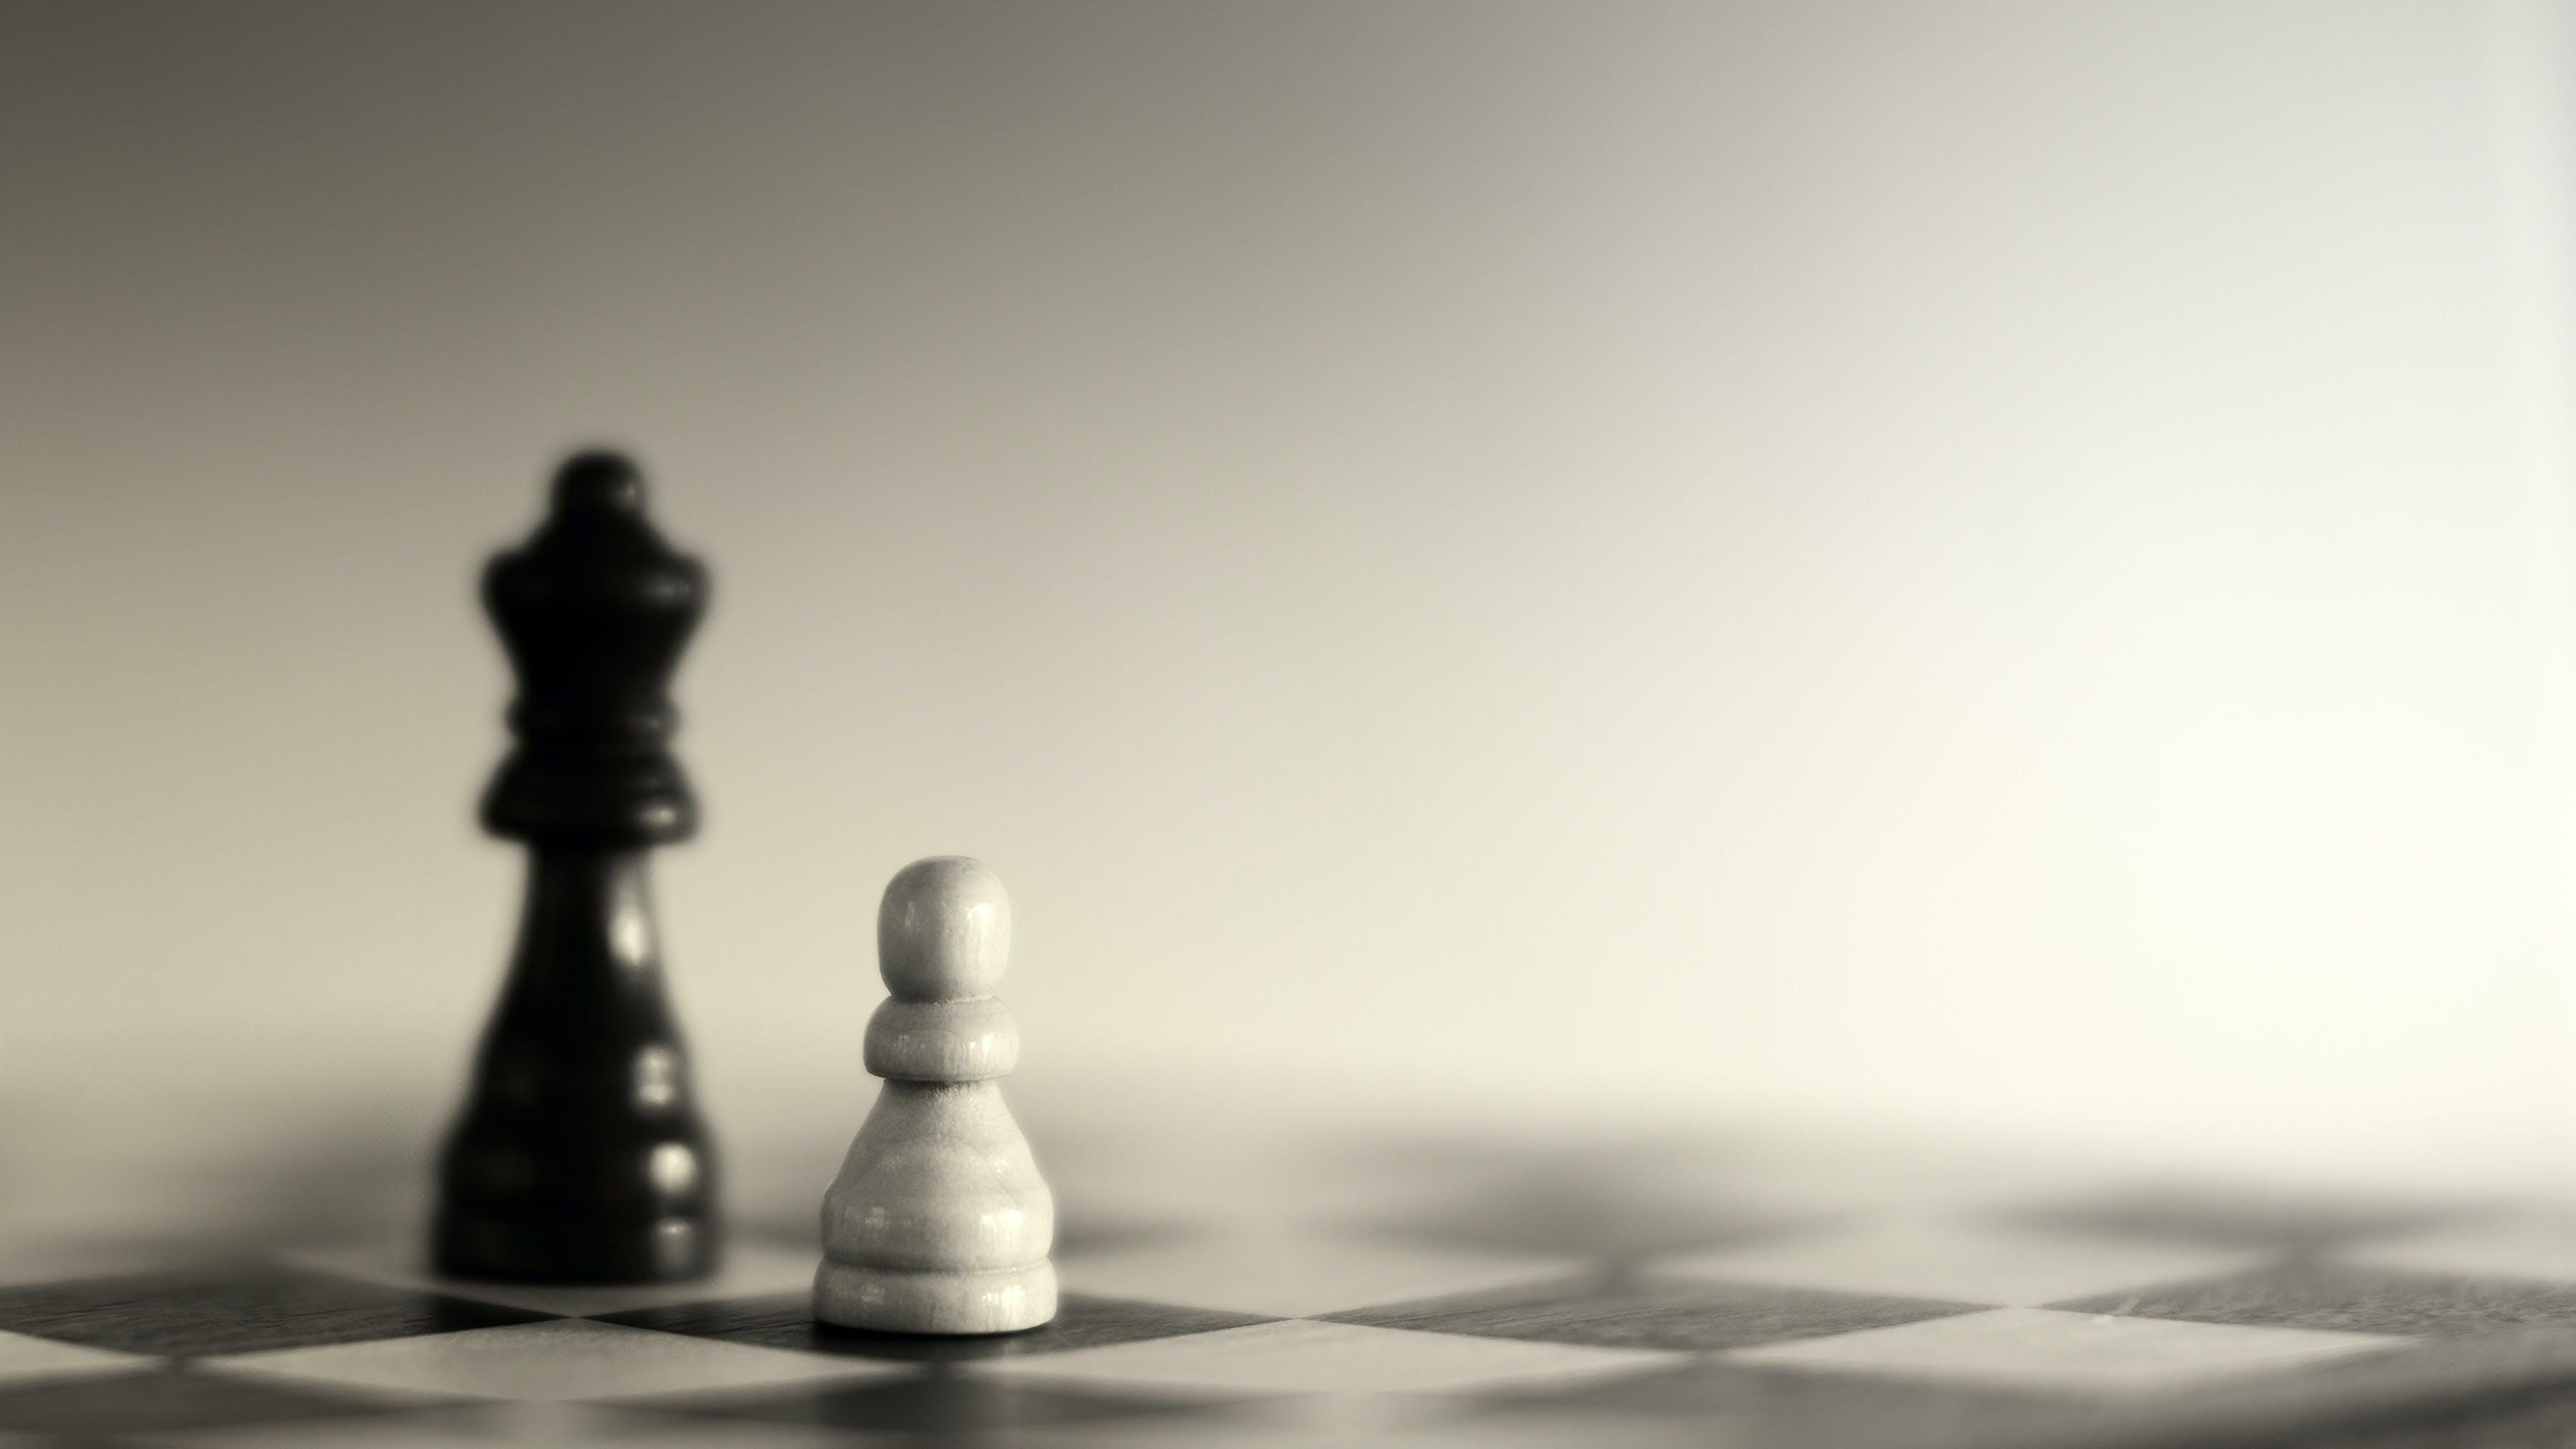 Kostenloses Stock Foto zu spiel, schach, brettspiel, nahansicht